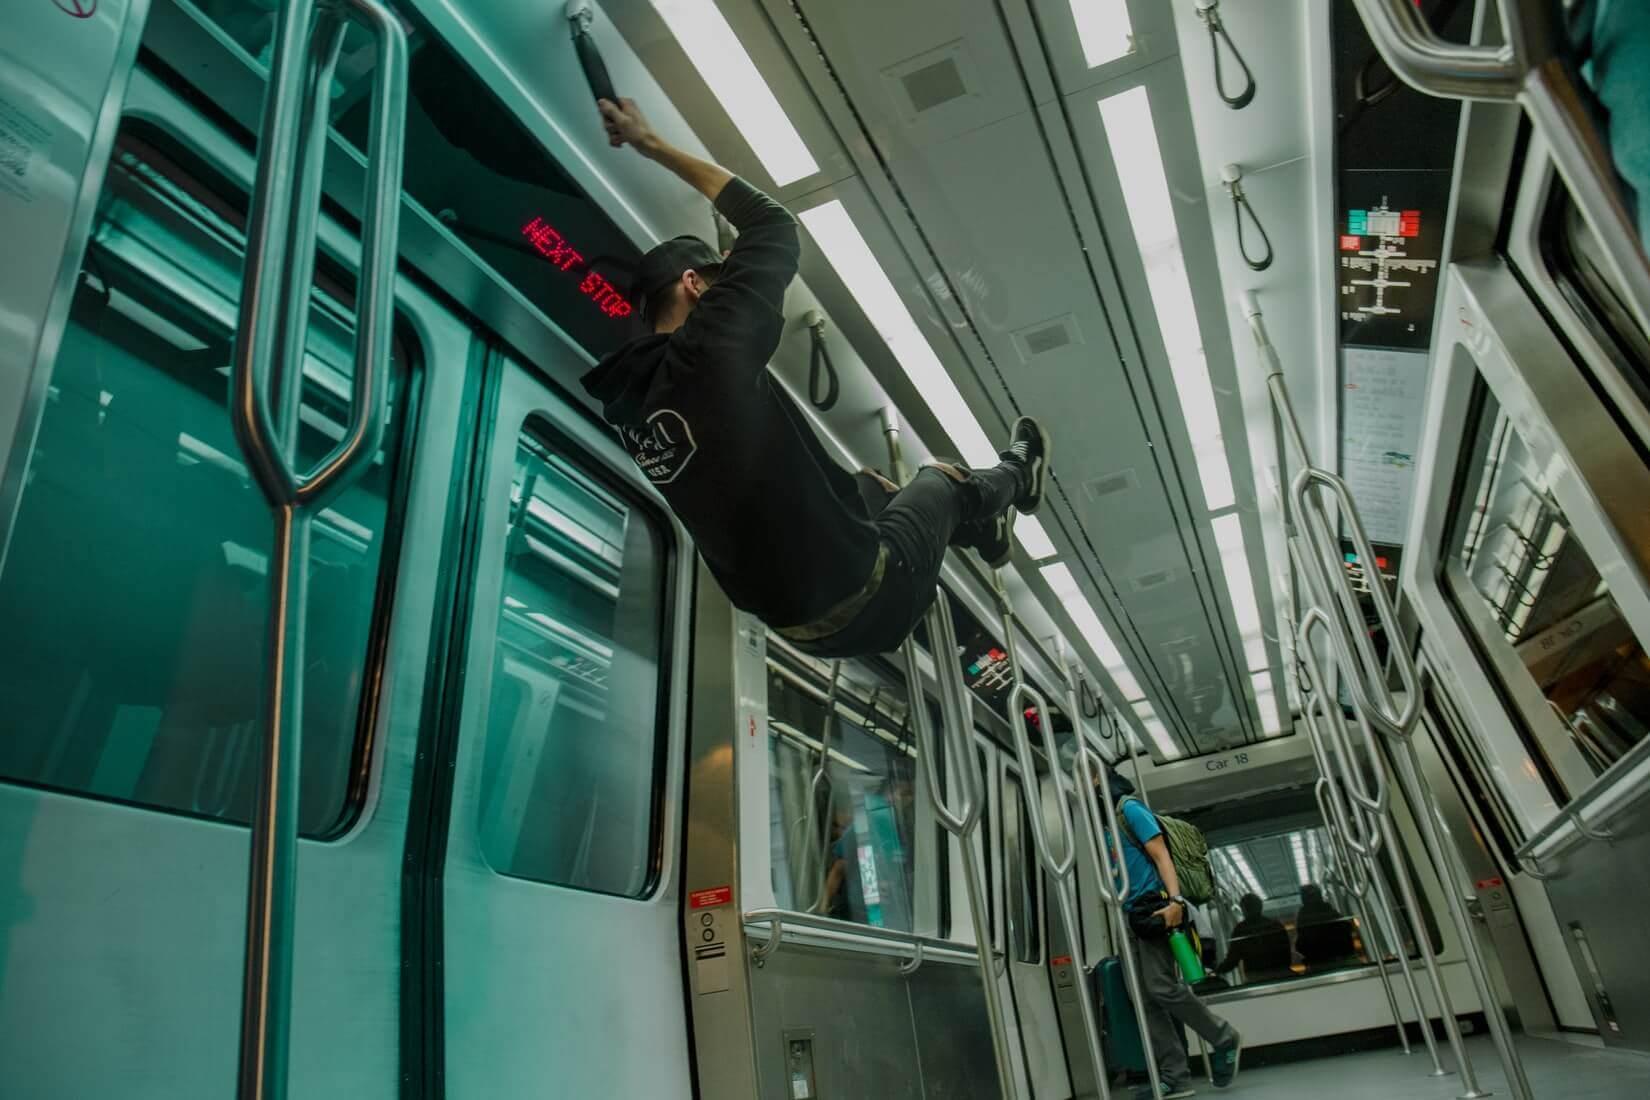 За проезд передаем: самые необычные средства передвижения